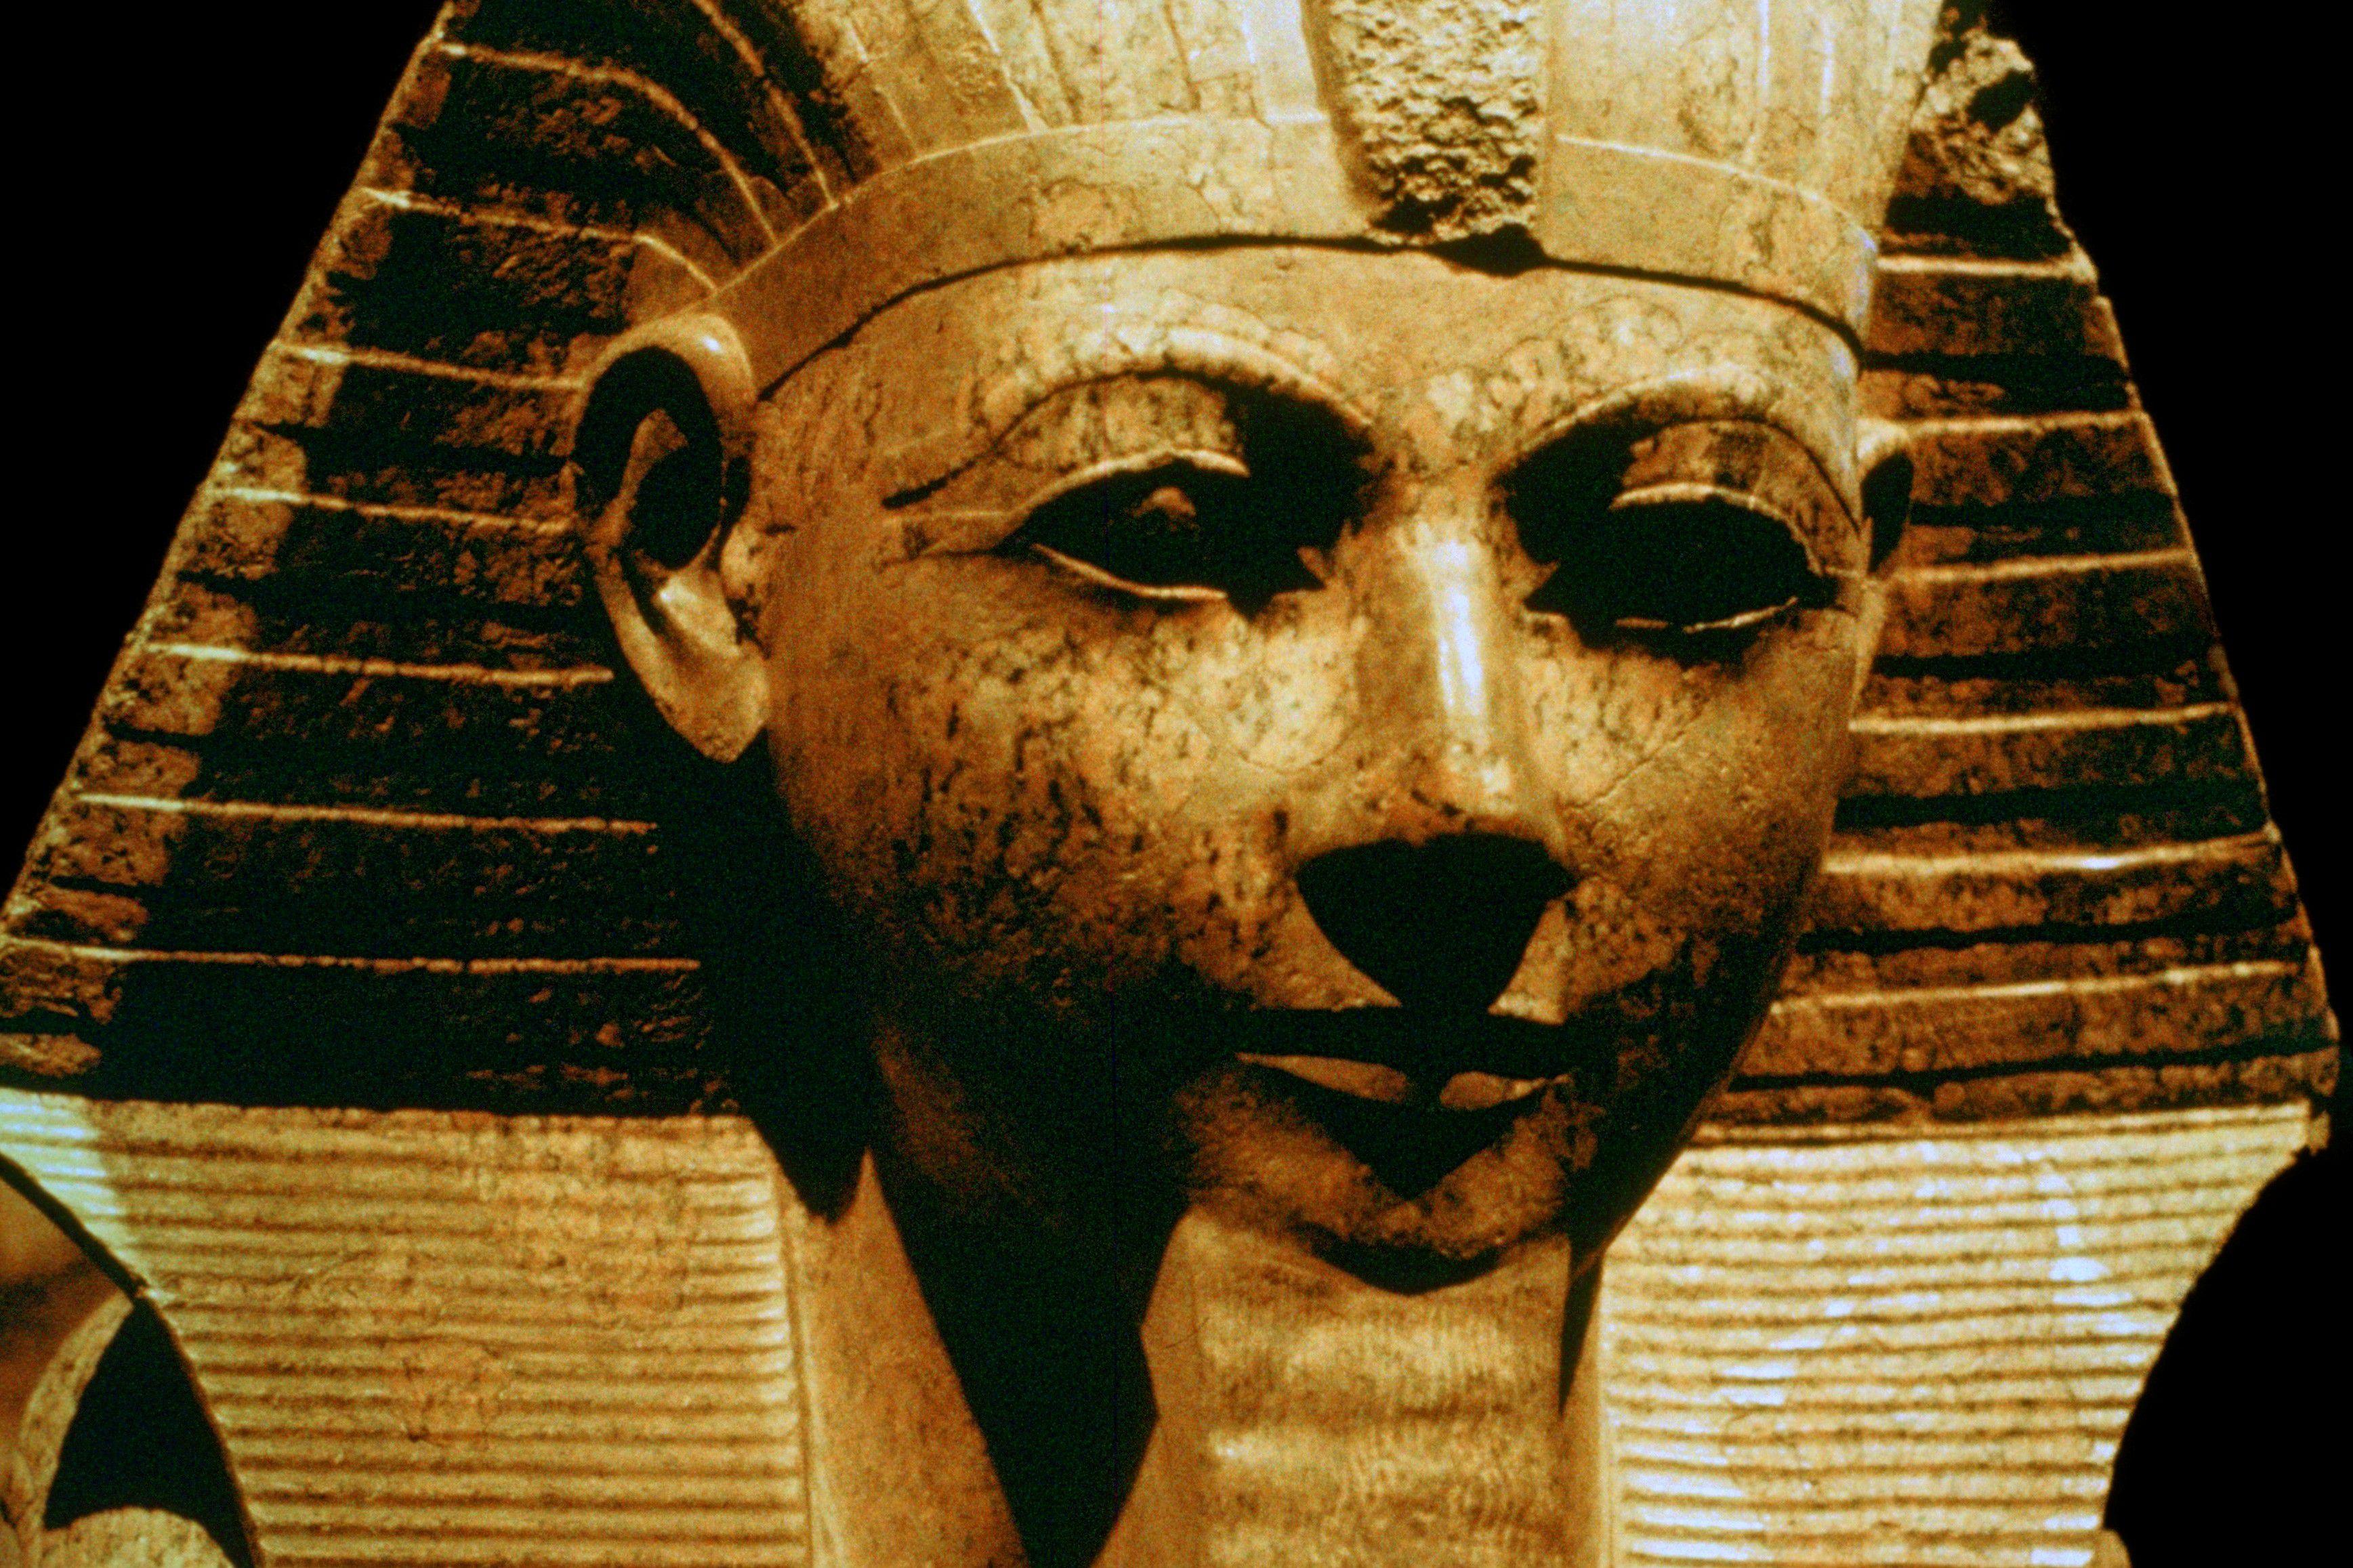 queen hatshepsut first female ruler in all history Hatshepsut: the first female egyptian  hatshepsut: hatshepsut and hatshepsut king  hatshepsut essay queen hatshepsut, ruler of ancient egypt.